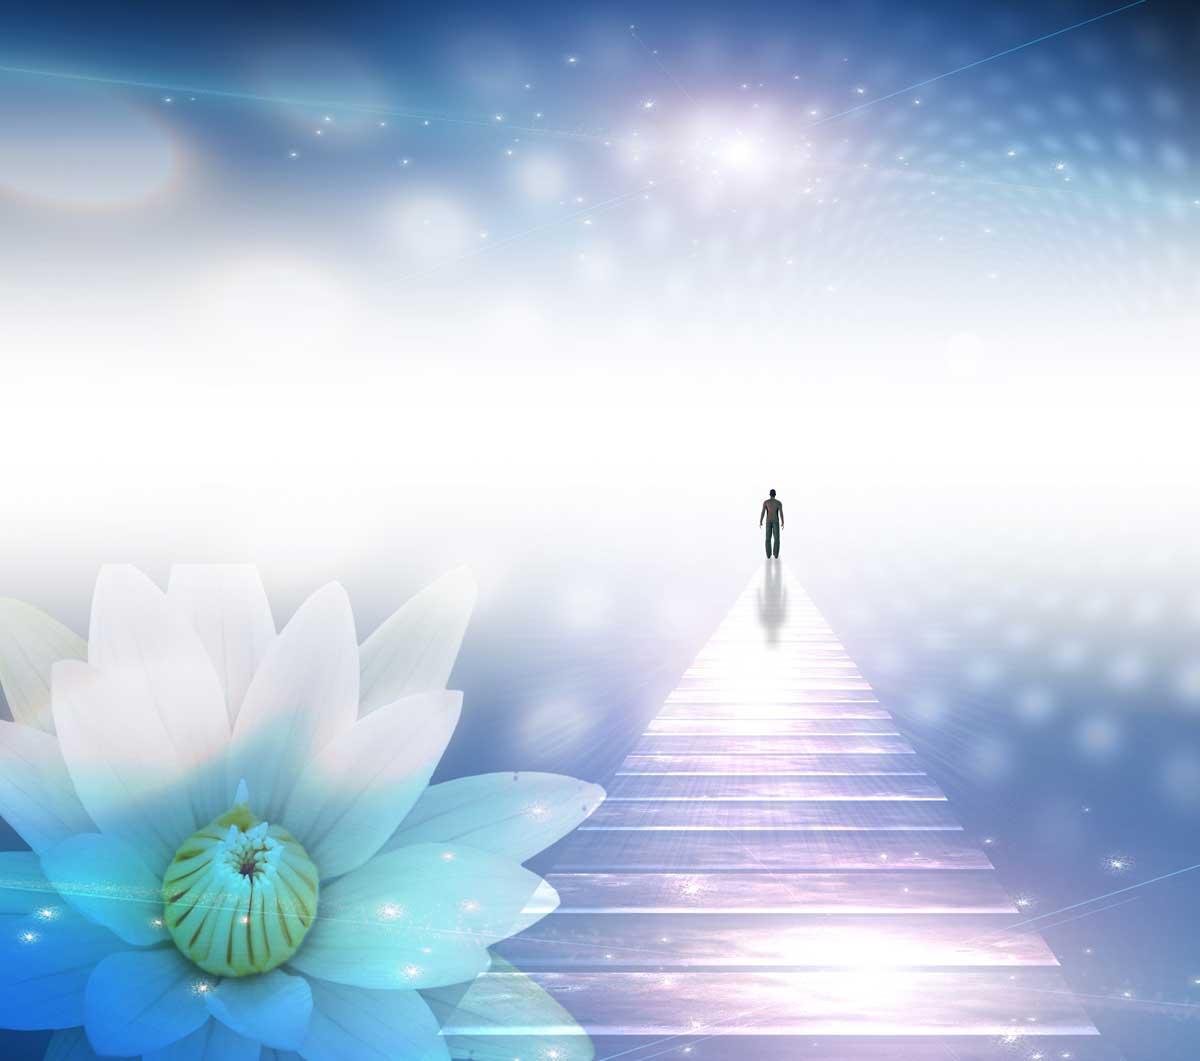 """alt=""""Heilung durch Rückführung in frühere Leben. Mensch geht auf einem leuchtenden liafarbenen Lichtsteg in ein anderes Leben."""""""